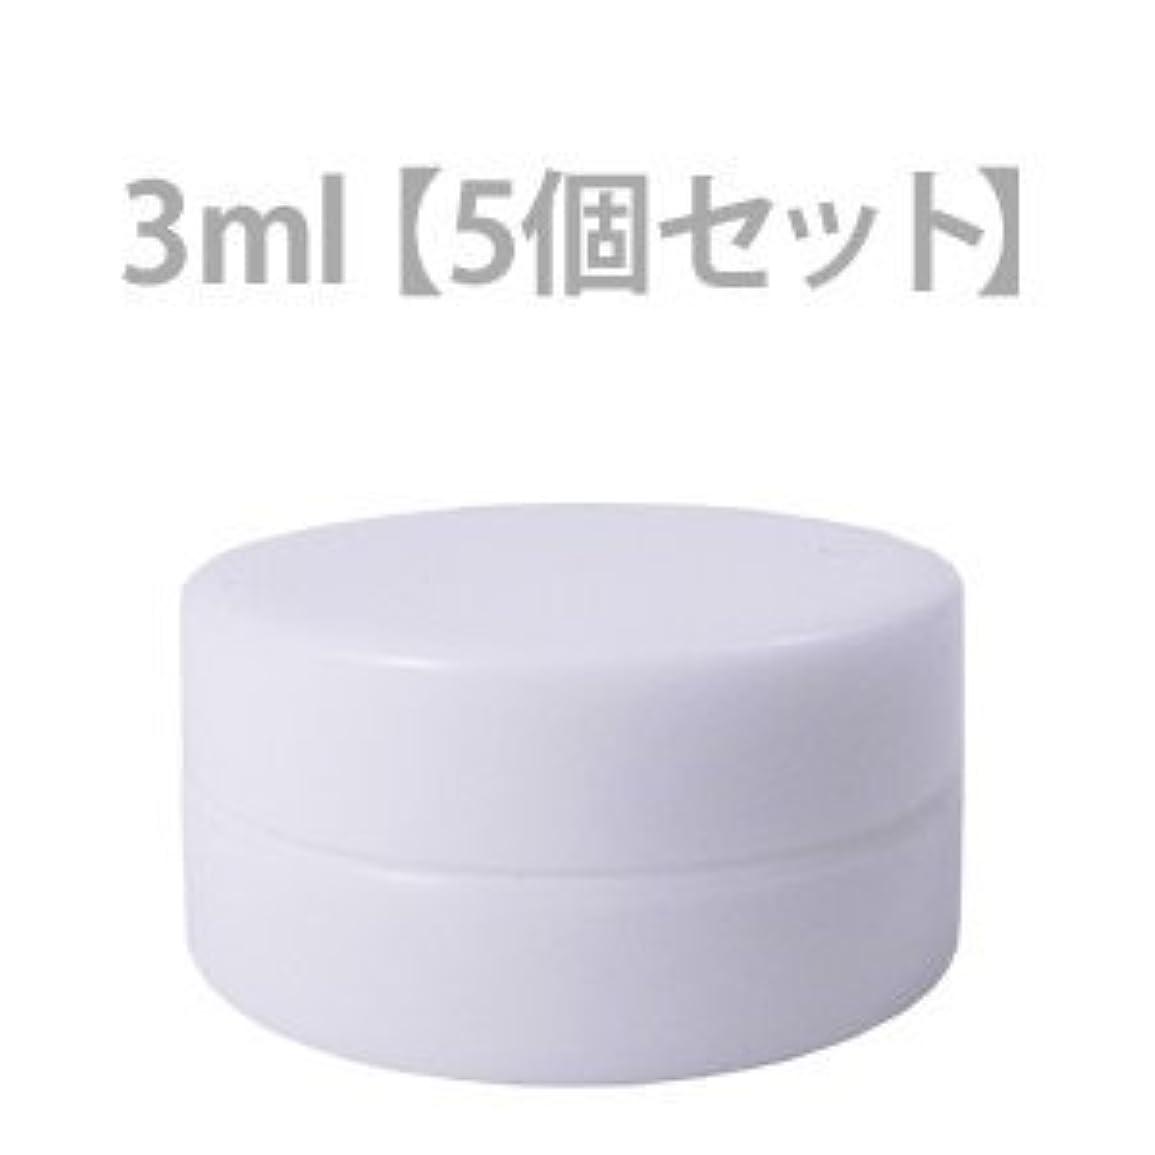 リーチ節約エゴイズムクリーム用容器 化粧品容器 3ml 5個セット